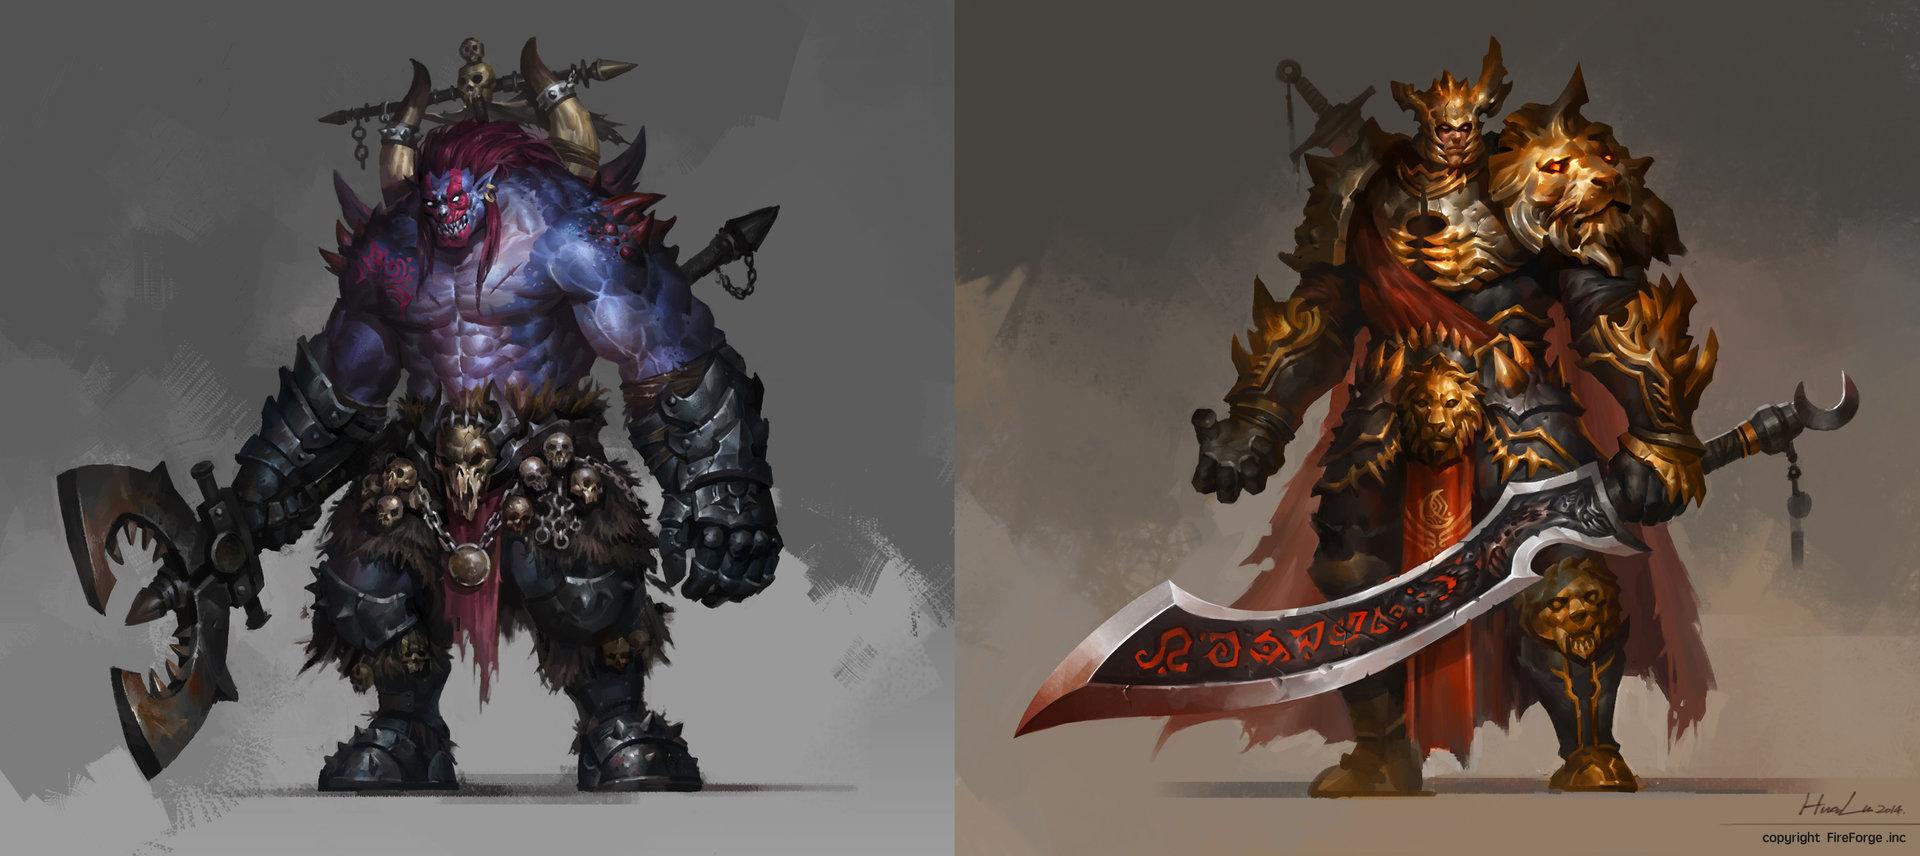 Concept art 2 персонажей, монстра и рыцаря, концепт арт от hua lu